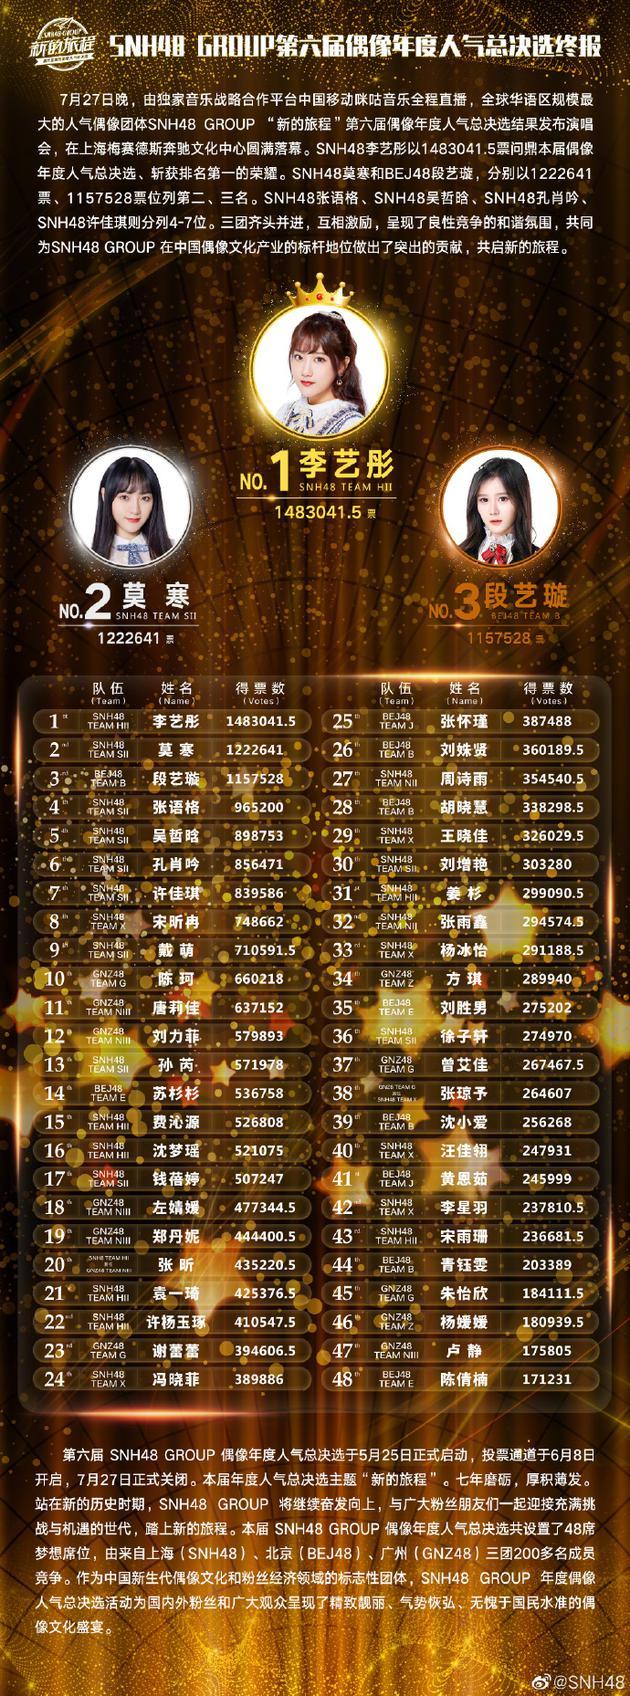 李艺彤蝉联总决选第一将单飞 竞争对手黄婷婷退赛